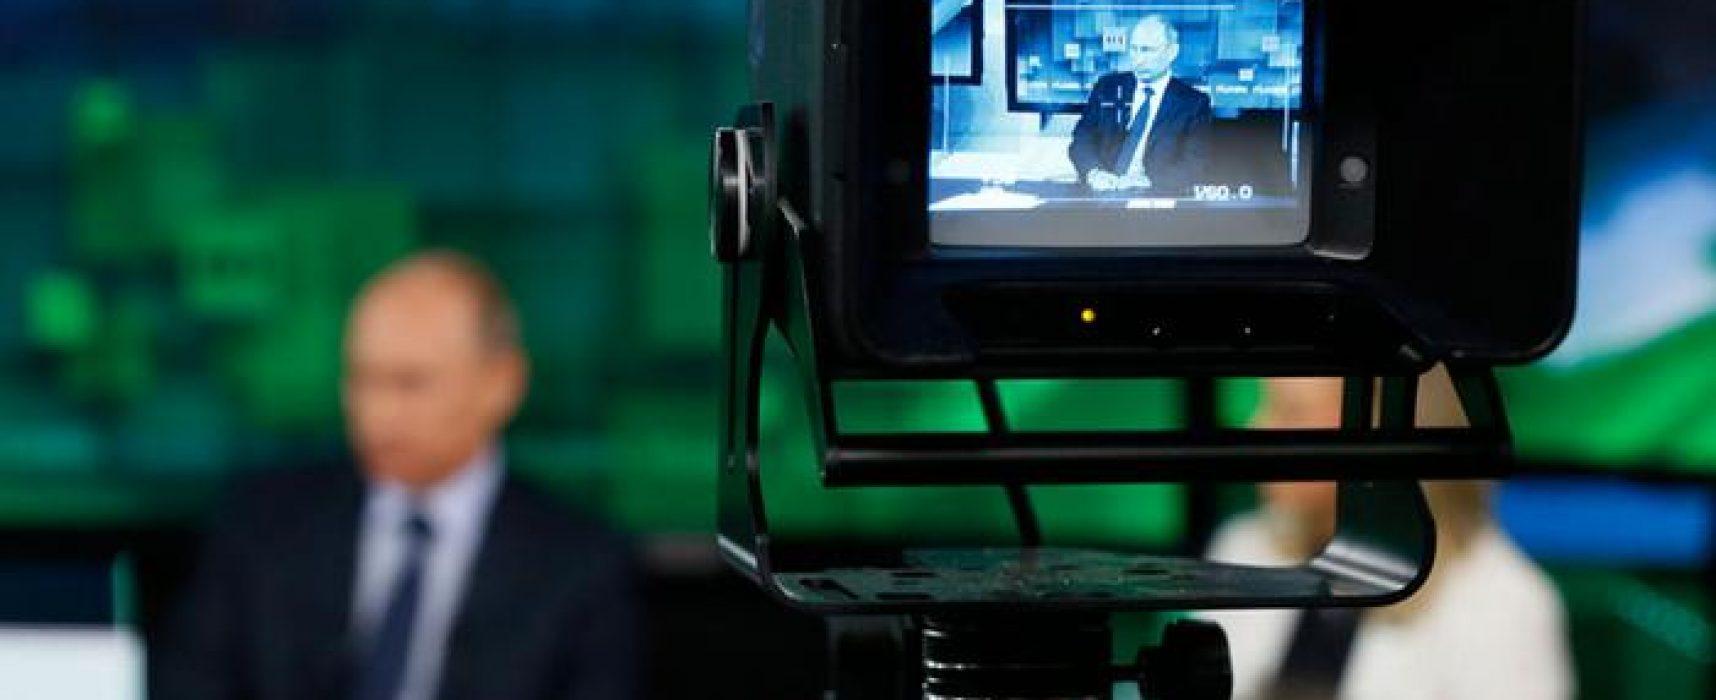 La Vanguardia: La maquinaria de propaganda rusa ayudó a la difusión de noticias falsas durante la campaña en EE.UU.